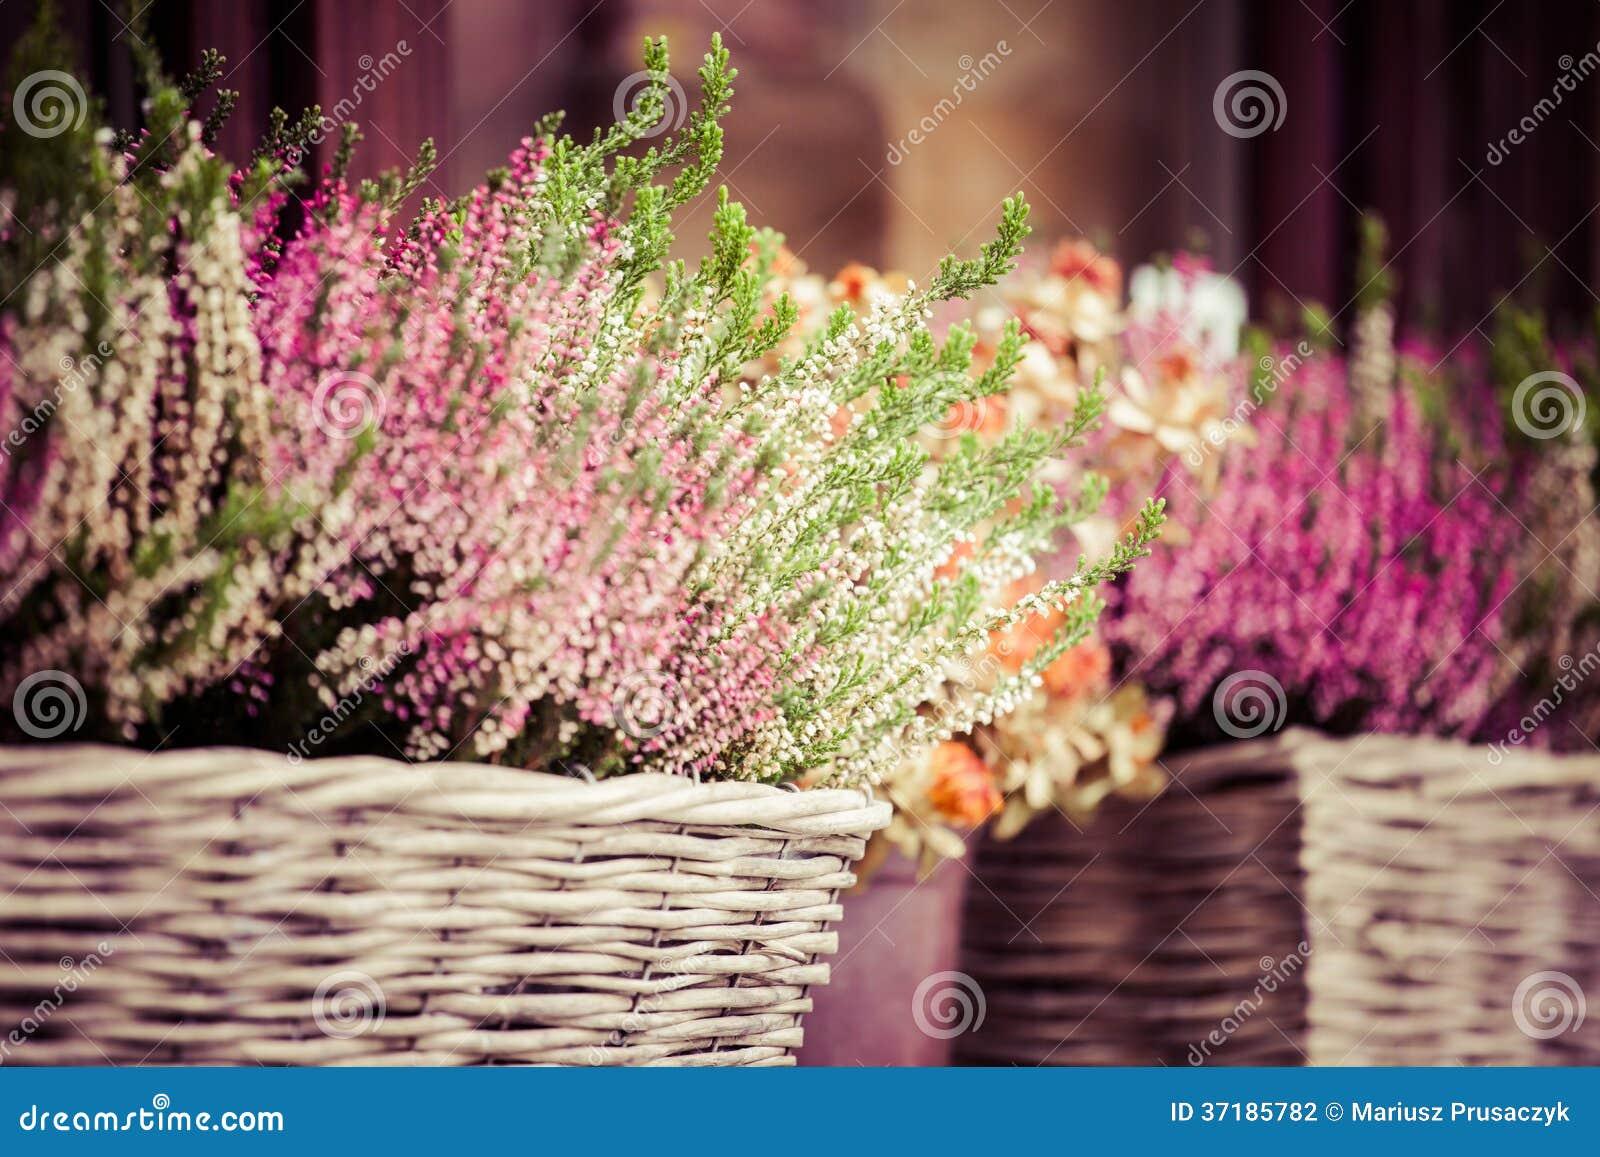 Ρόδινη και πορφυρή ερείκη στο διακοσμητικό δοχείο λουλουδιών